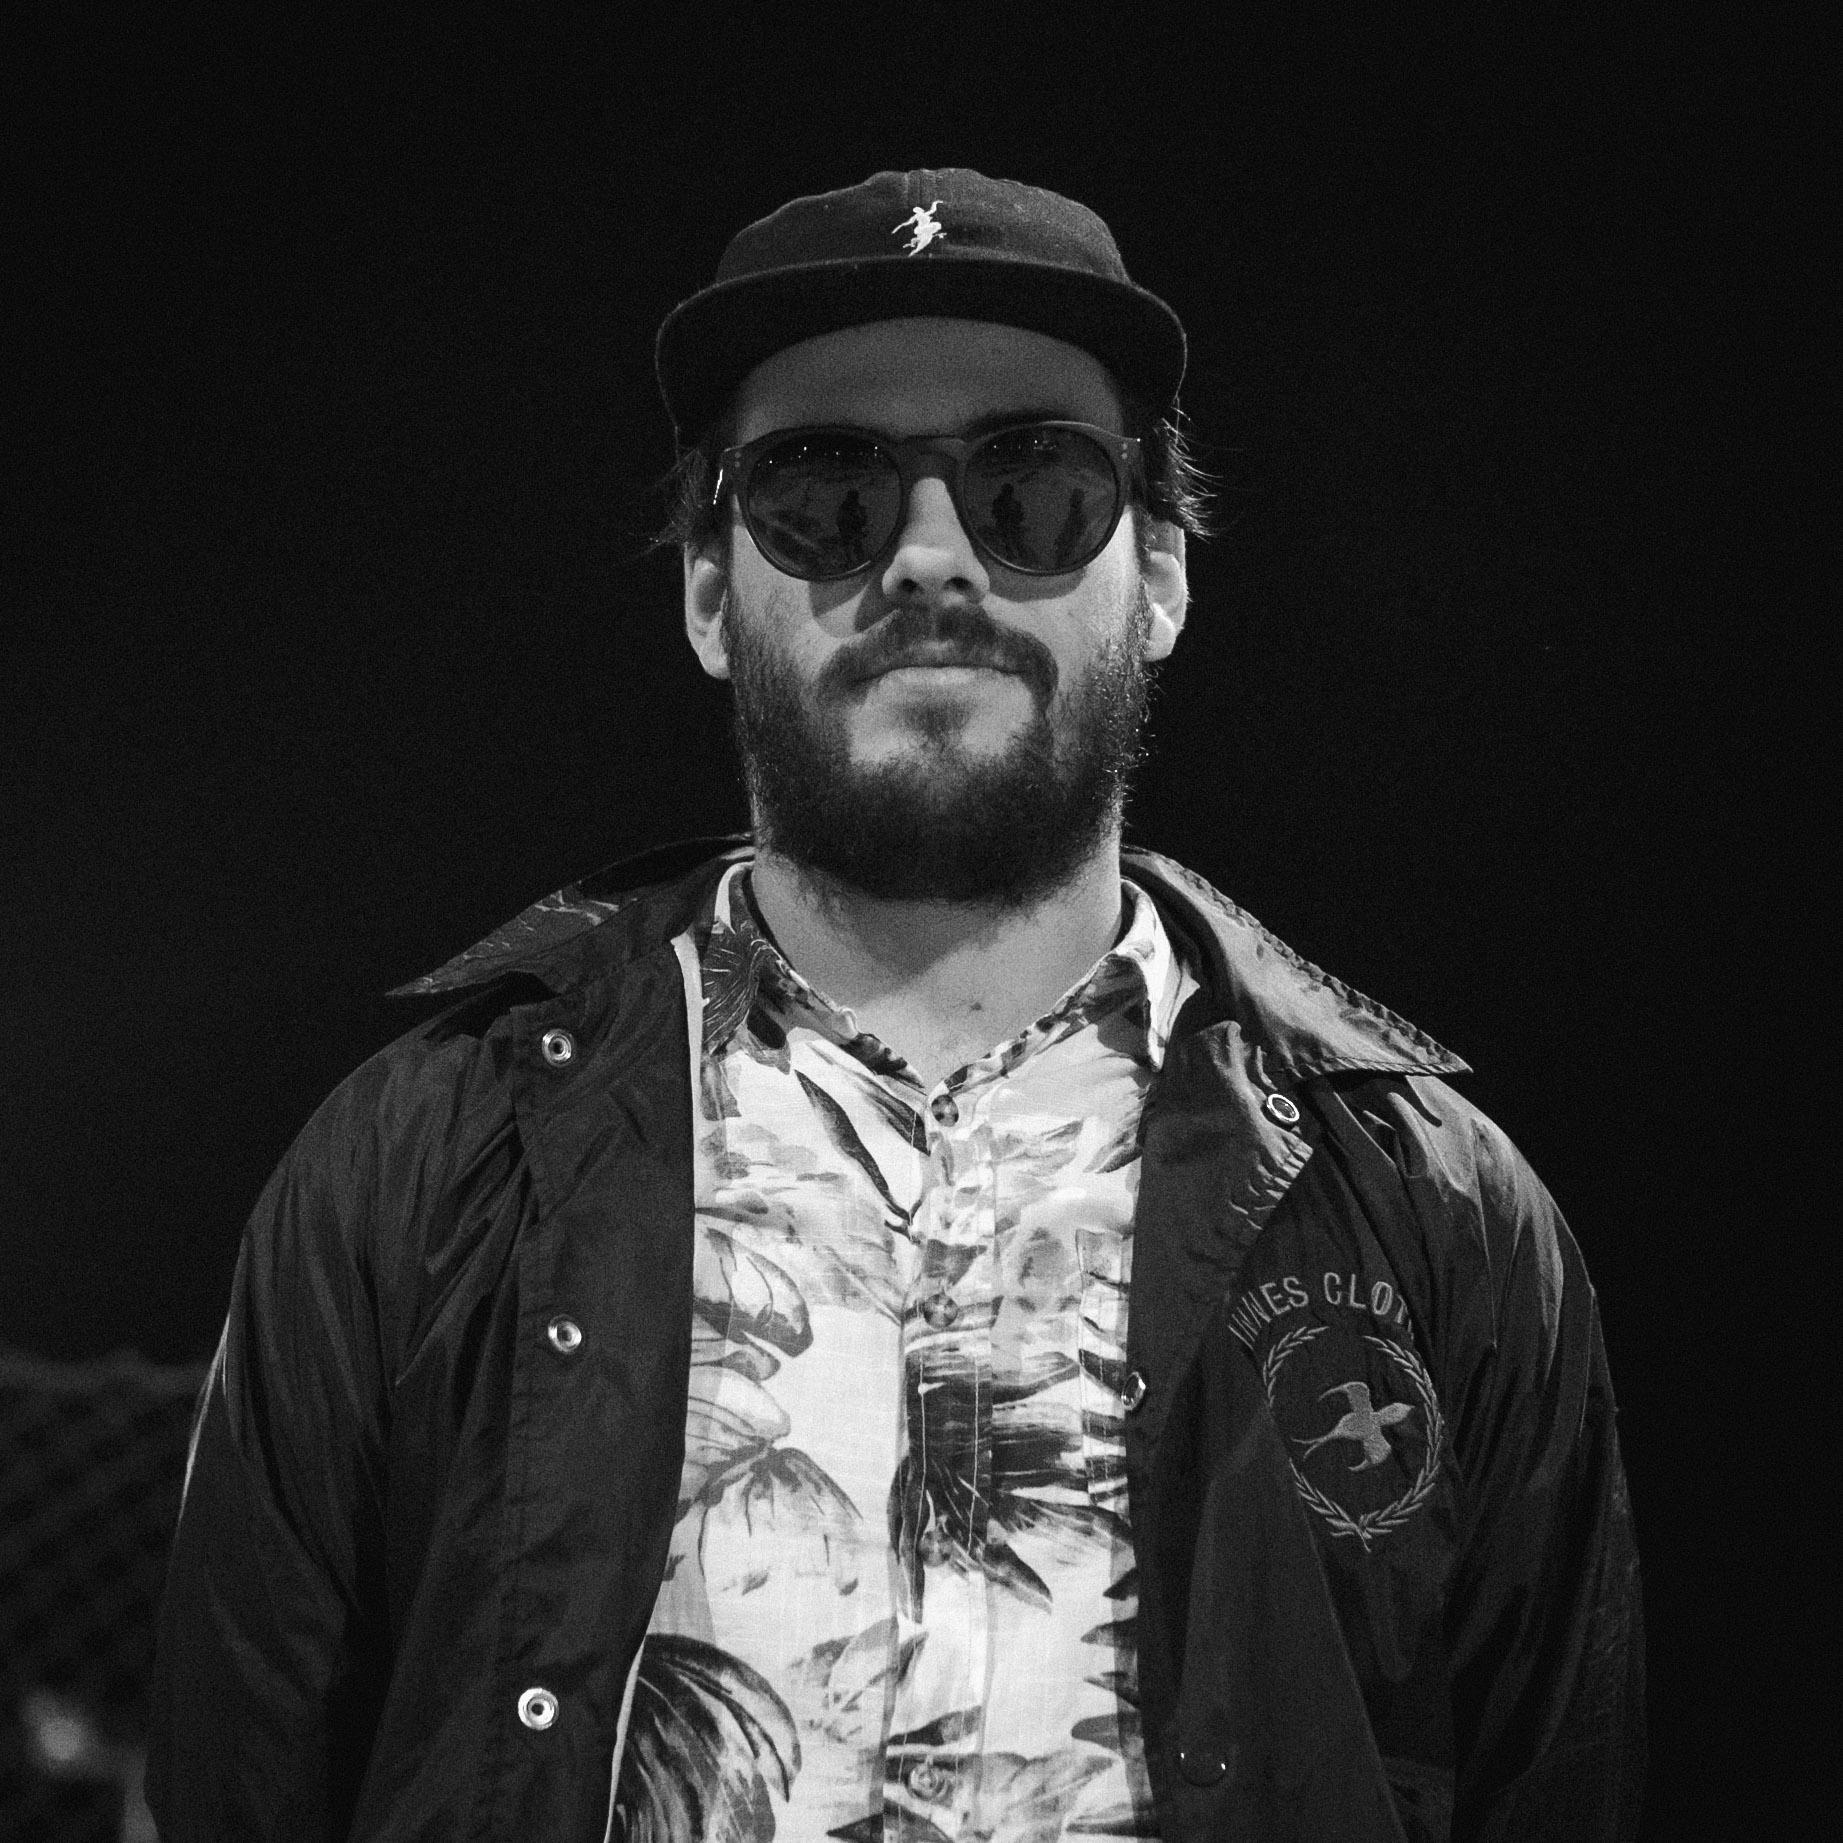 Héctor Álvarez (Pika) - @pikawrkb